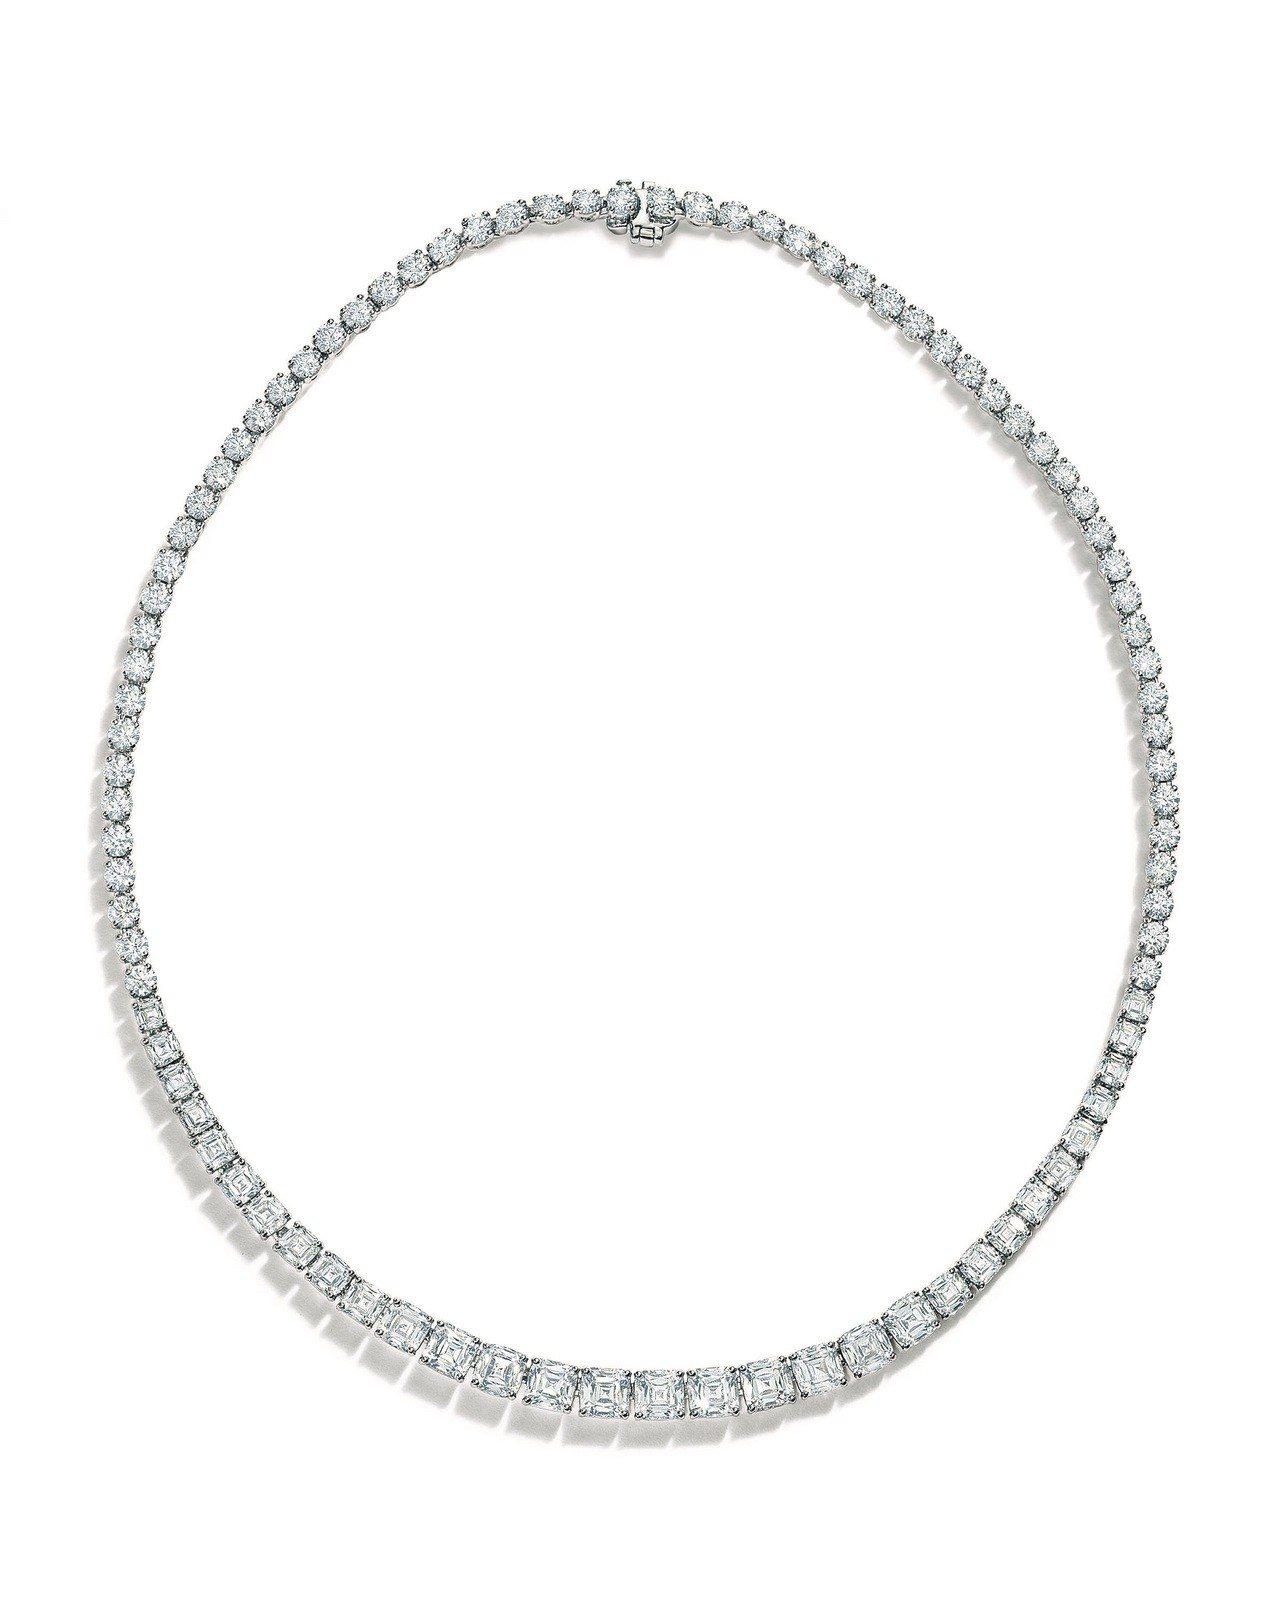 Tiffany鉑金鑲嵌總重36.09克拉枕形與圓形切割鑽石項鍊,1,543萬元。...